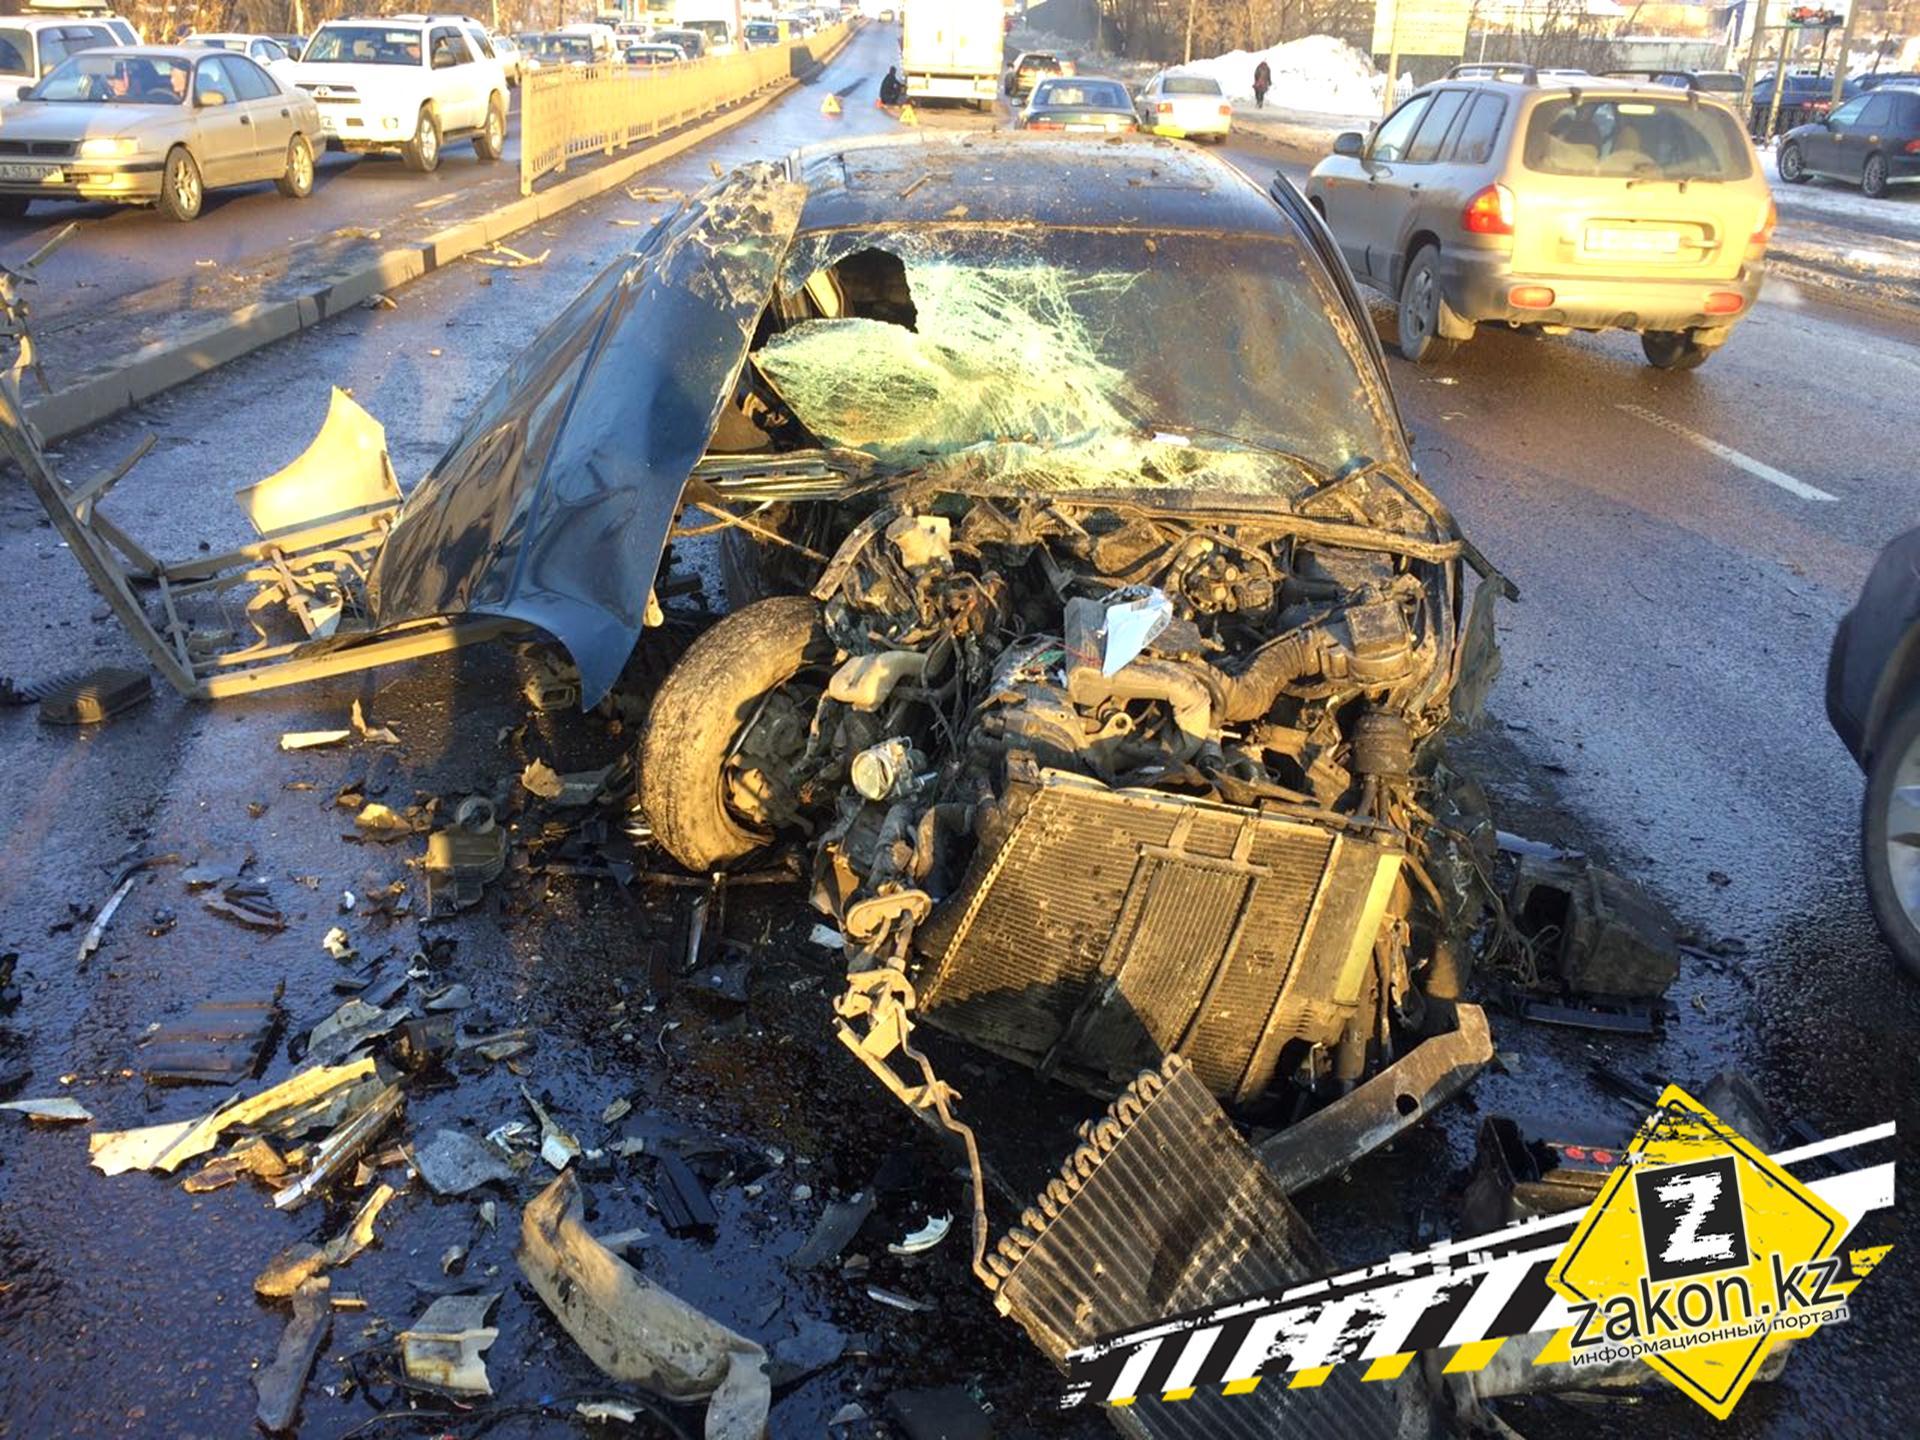 Из-за оторвавшегося колеса пострадали 5 машин спассажирами идвое пешеходов